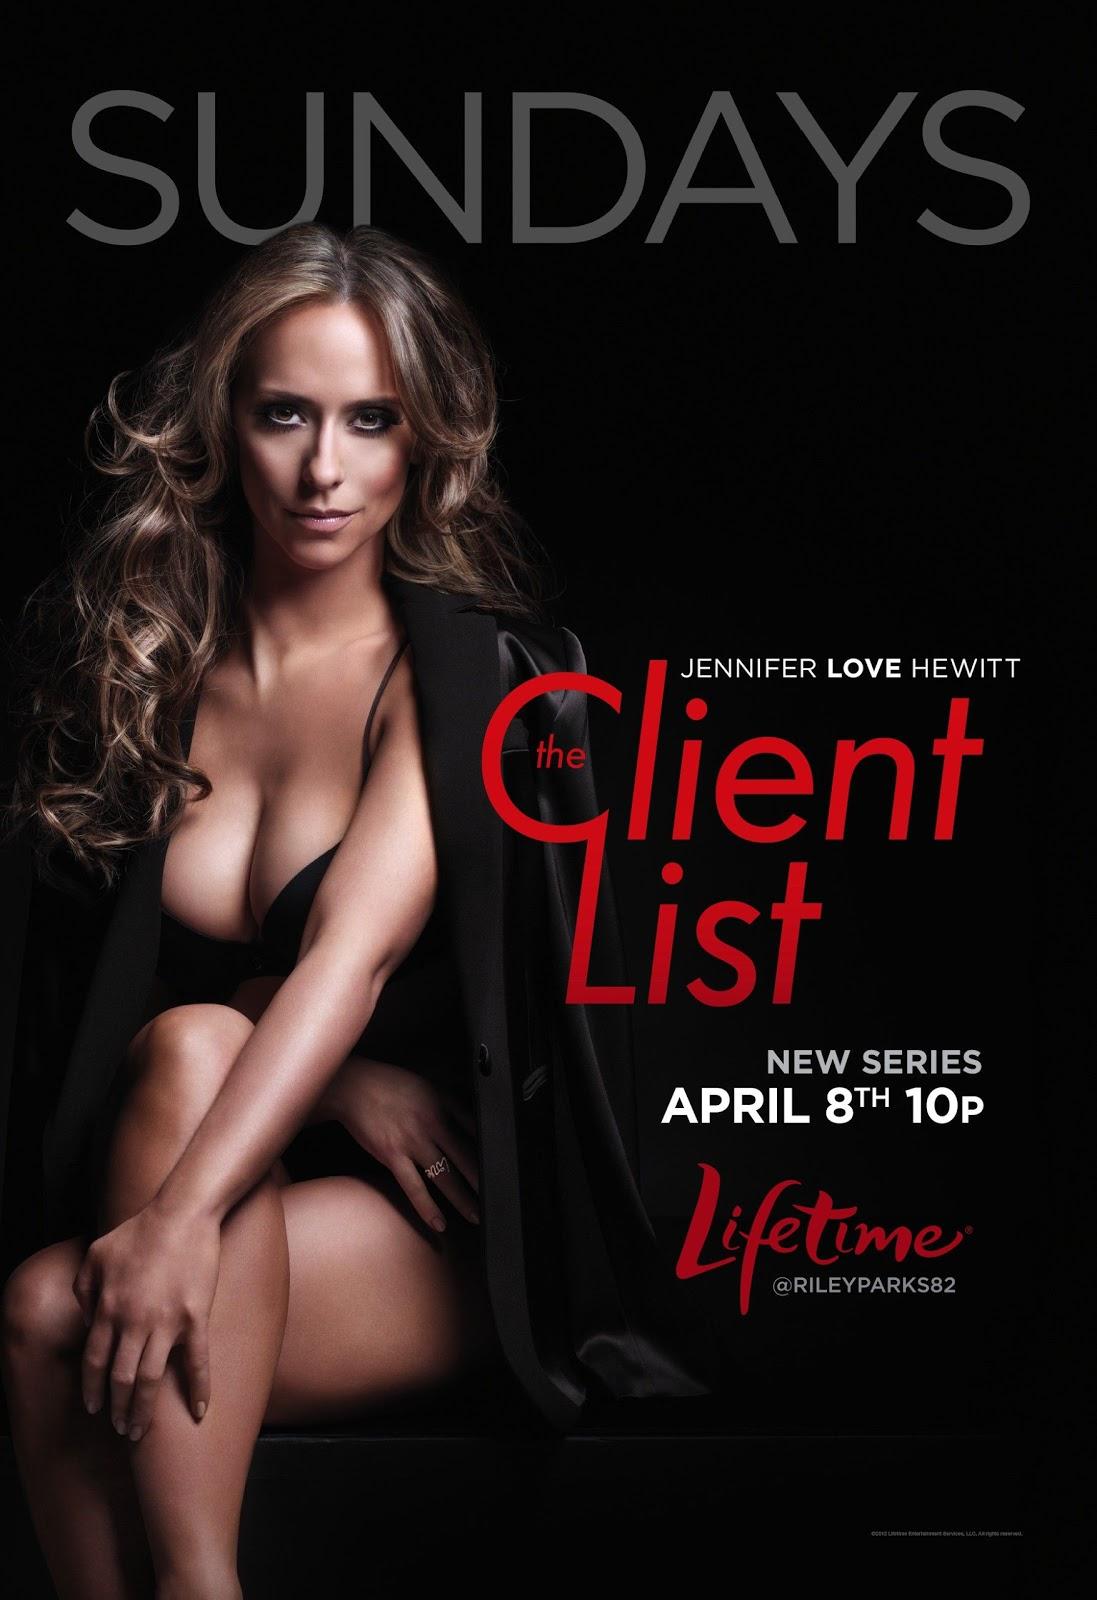 http://3.bp.blogspot.com/-M0NSDKClvUE/T1Gd8Y6DJjI/AAAAAAAAV0I/cYMgHwNDkaY/s1600/Jennifer+Love+Hewitt+The+Client+List+Pic+1.jpg